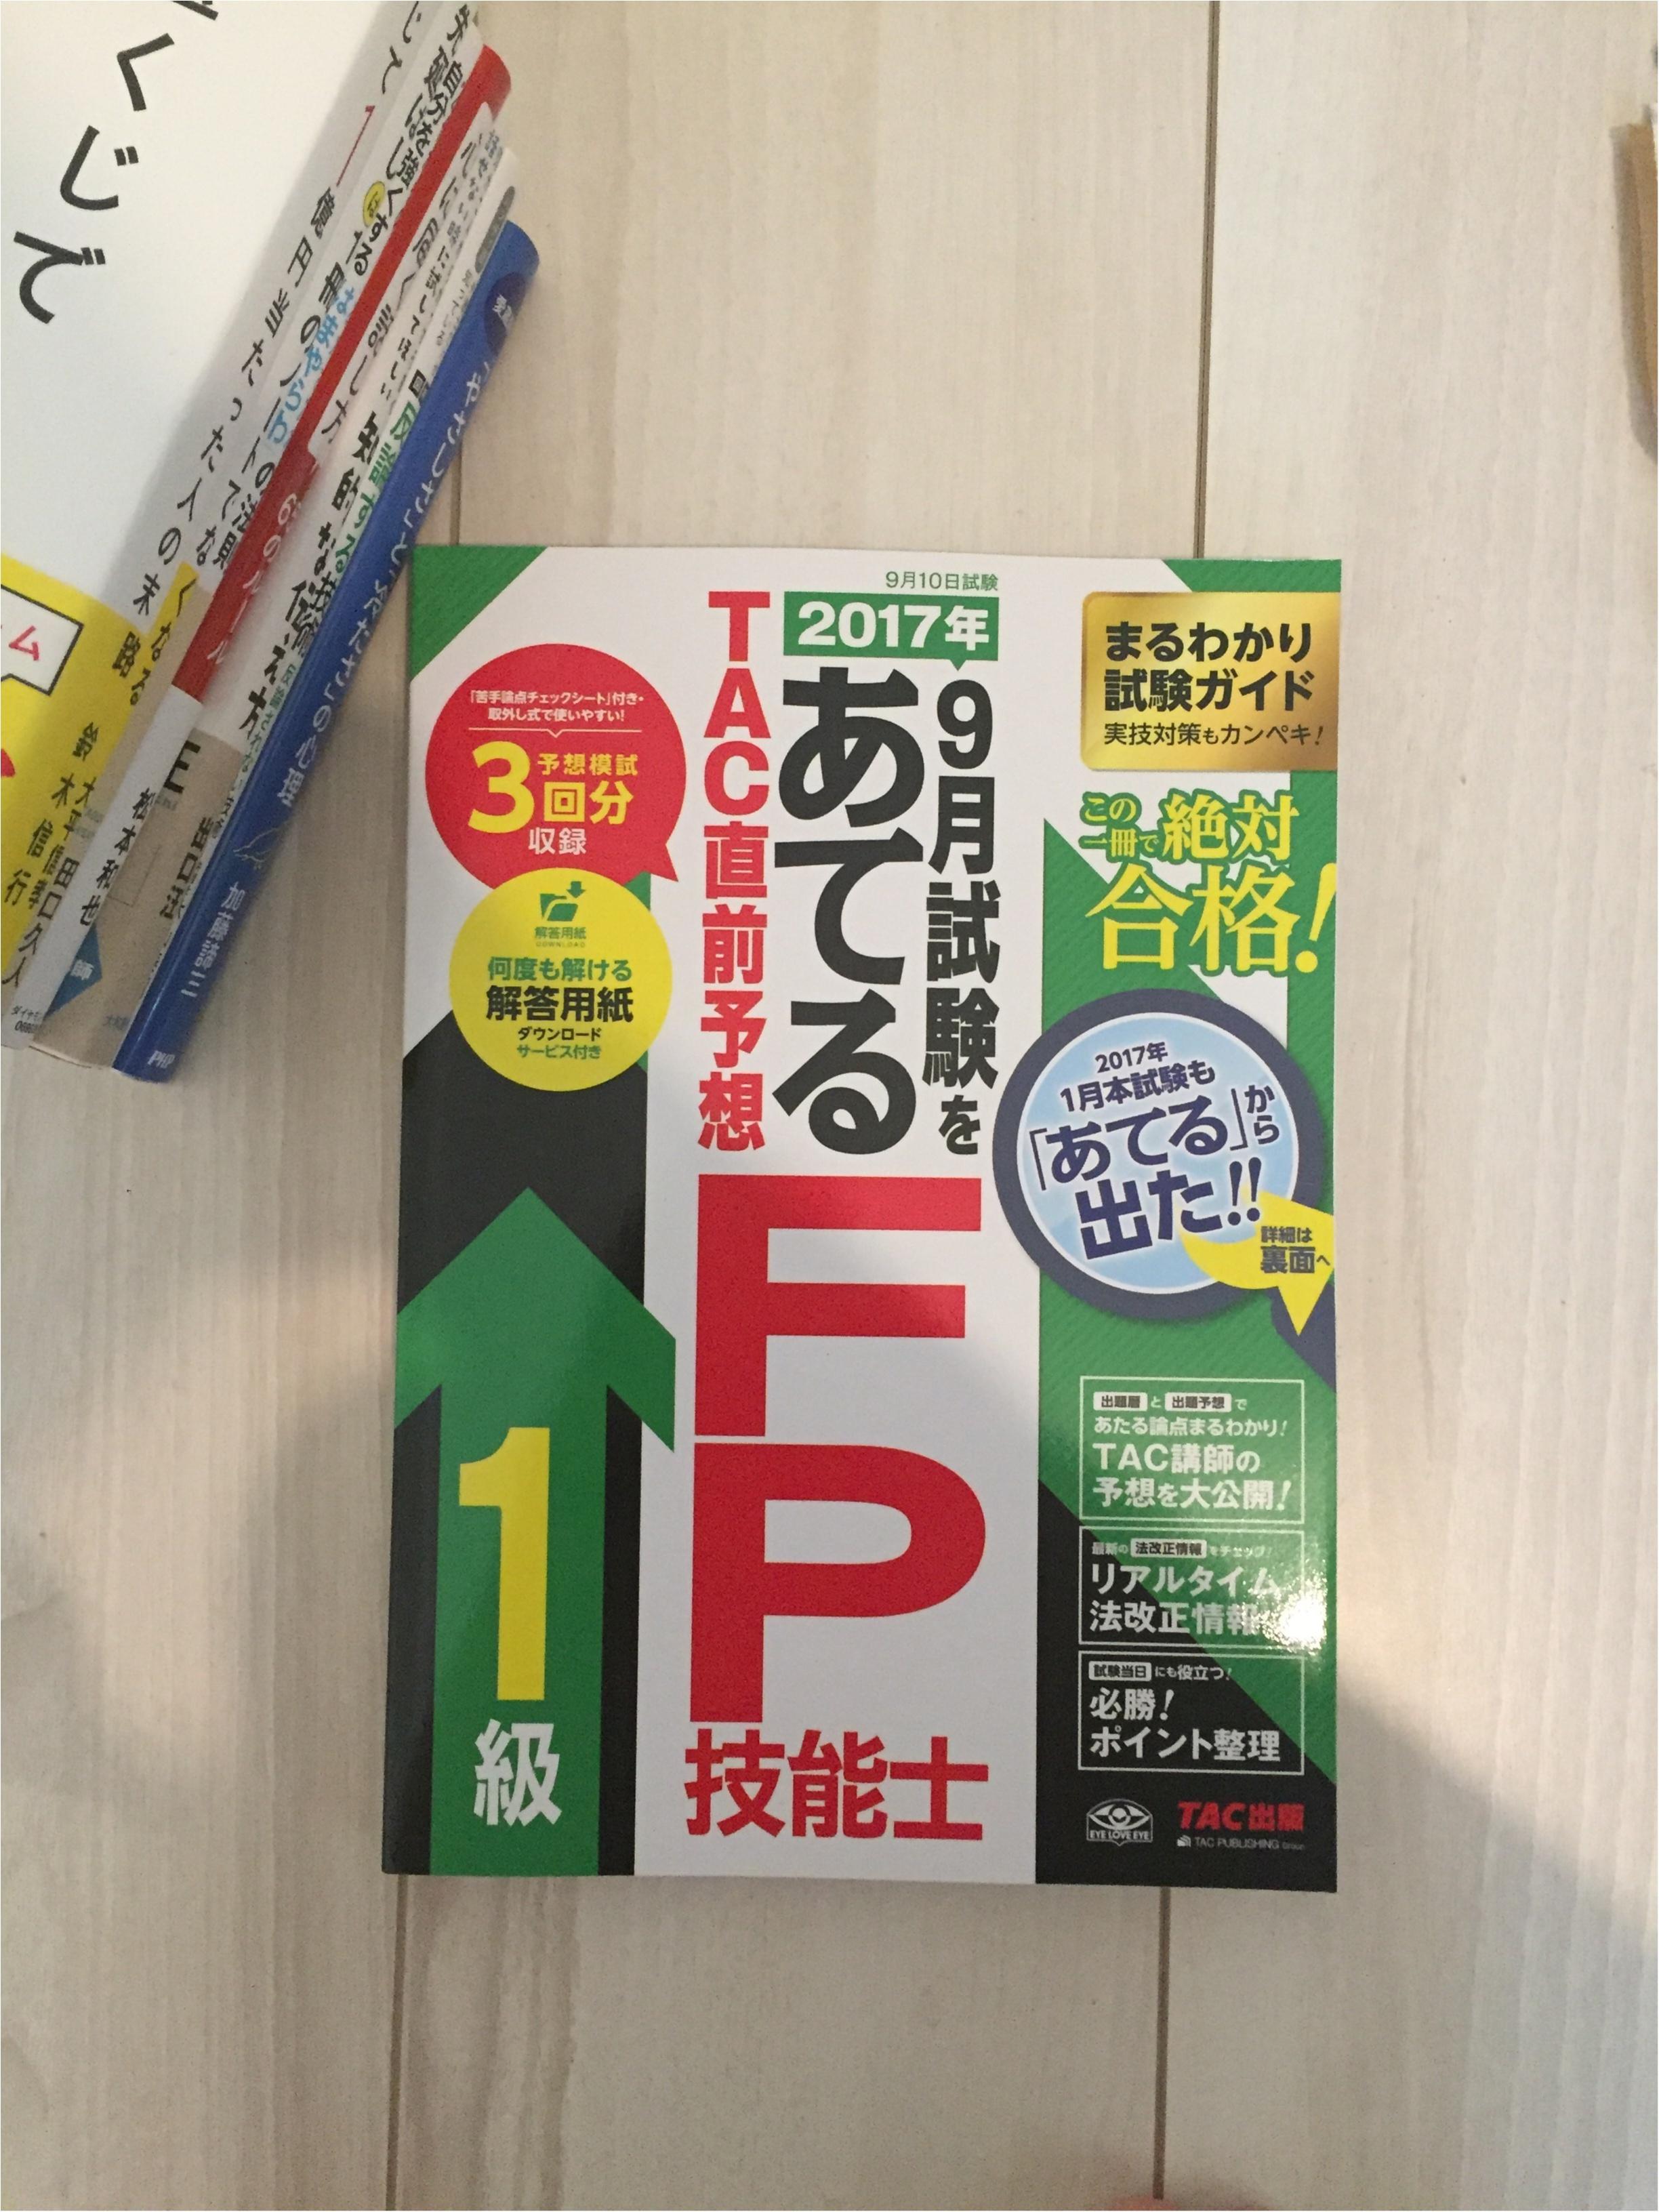 """つらいFP勉強を続けるために私がしている""""2つの工夫""""【#モアチャレ FP1級チャレンジ】_4"""